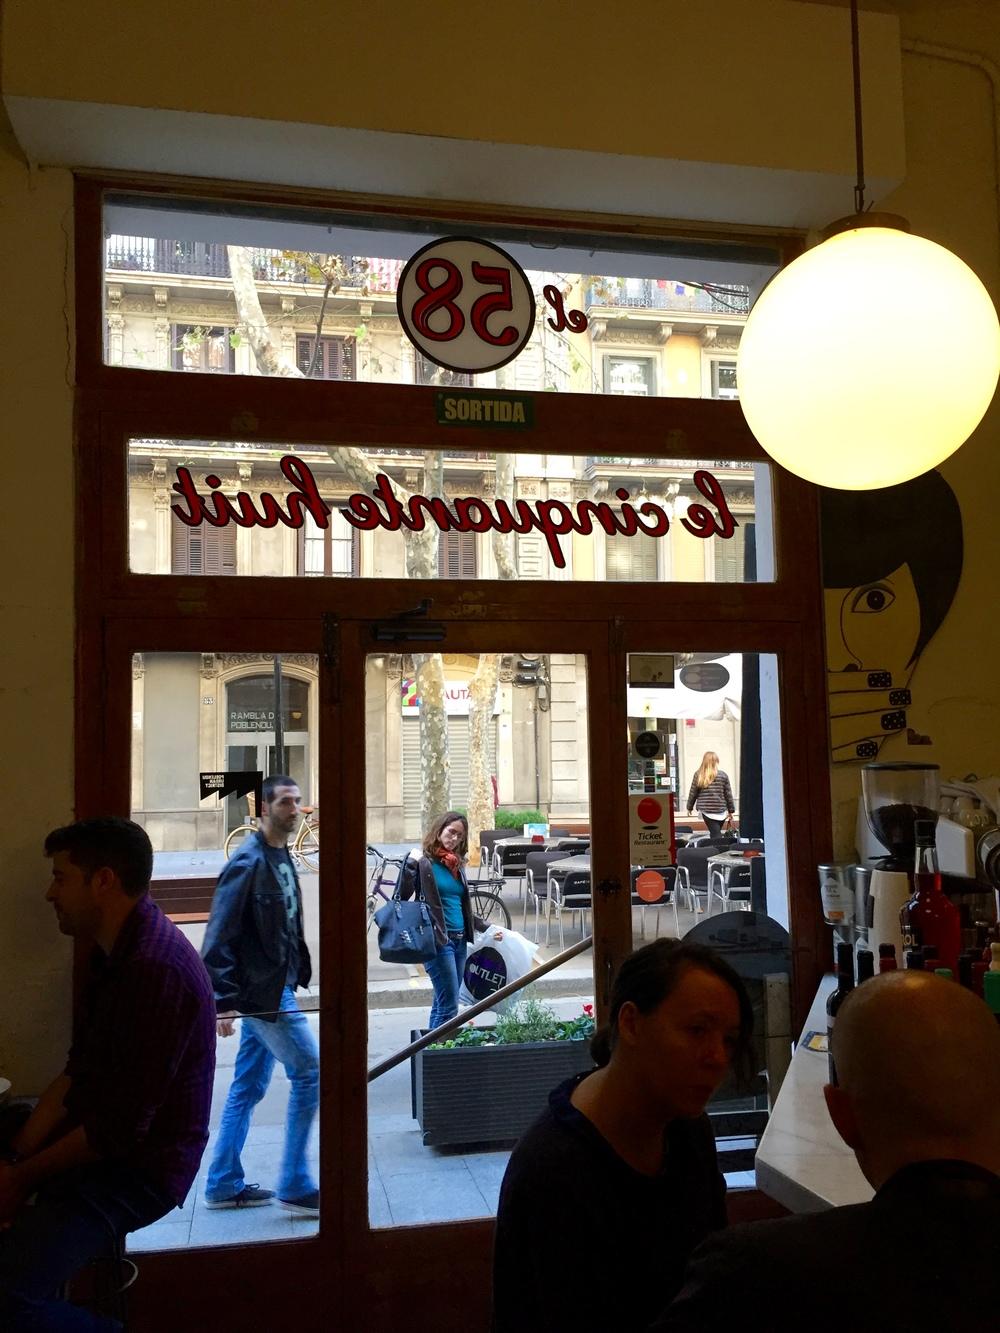 Restaurant El 58